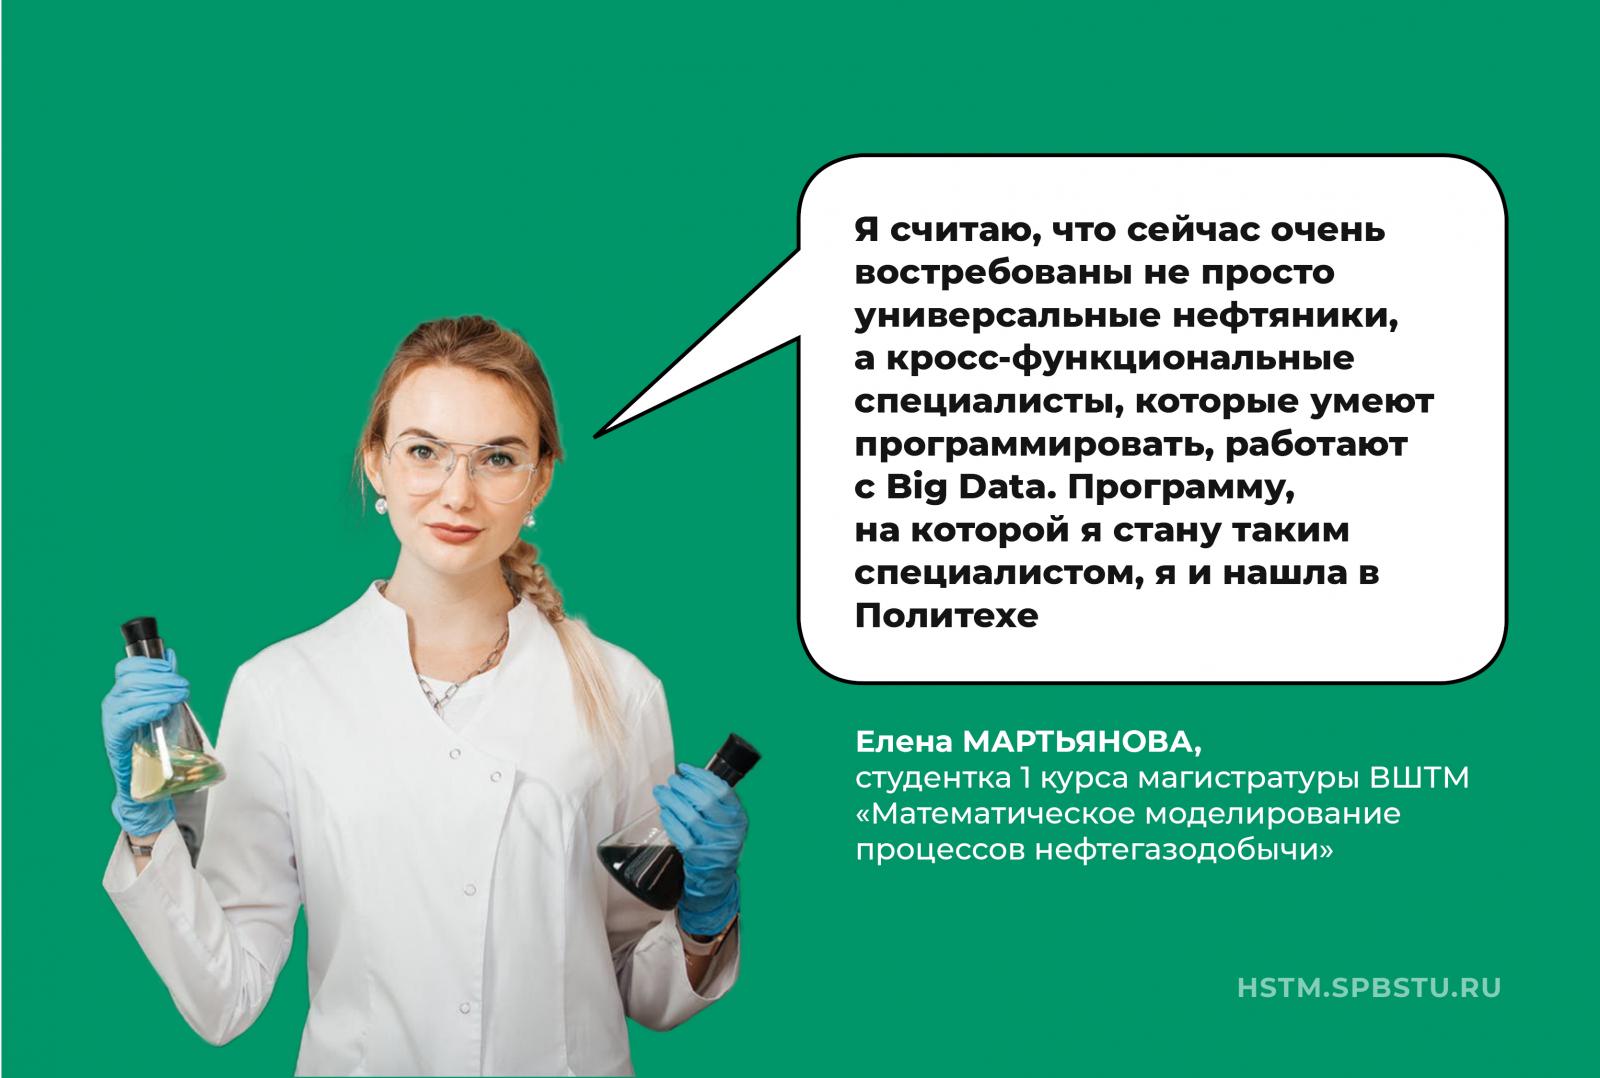 Победительница олимпиады «Я – профессионал» из ТПУ поступила в магистратуру ВШТМ